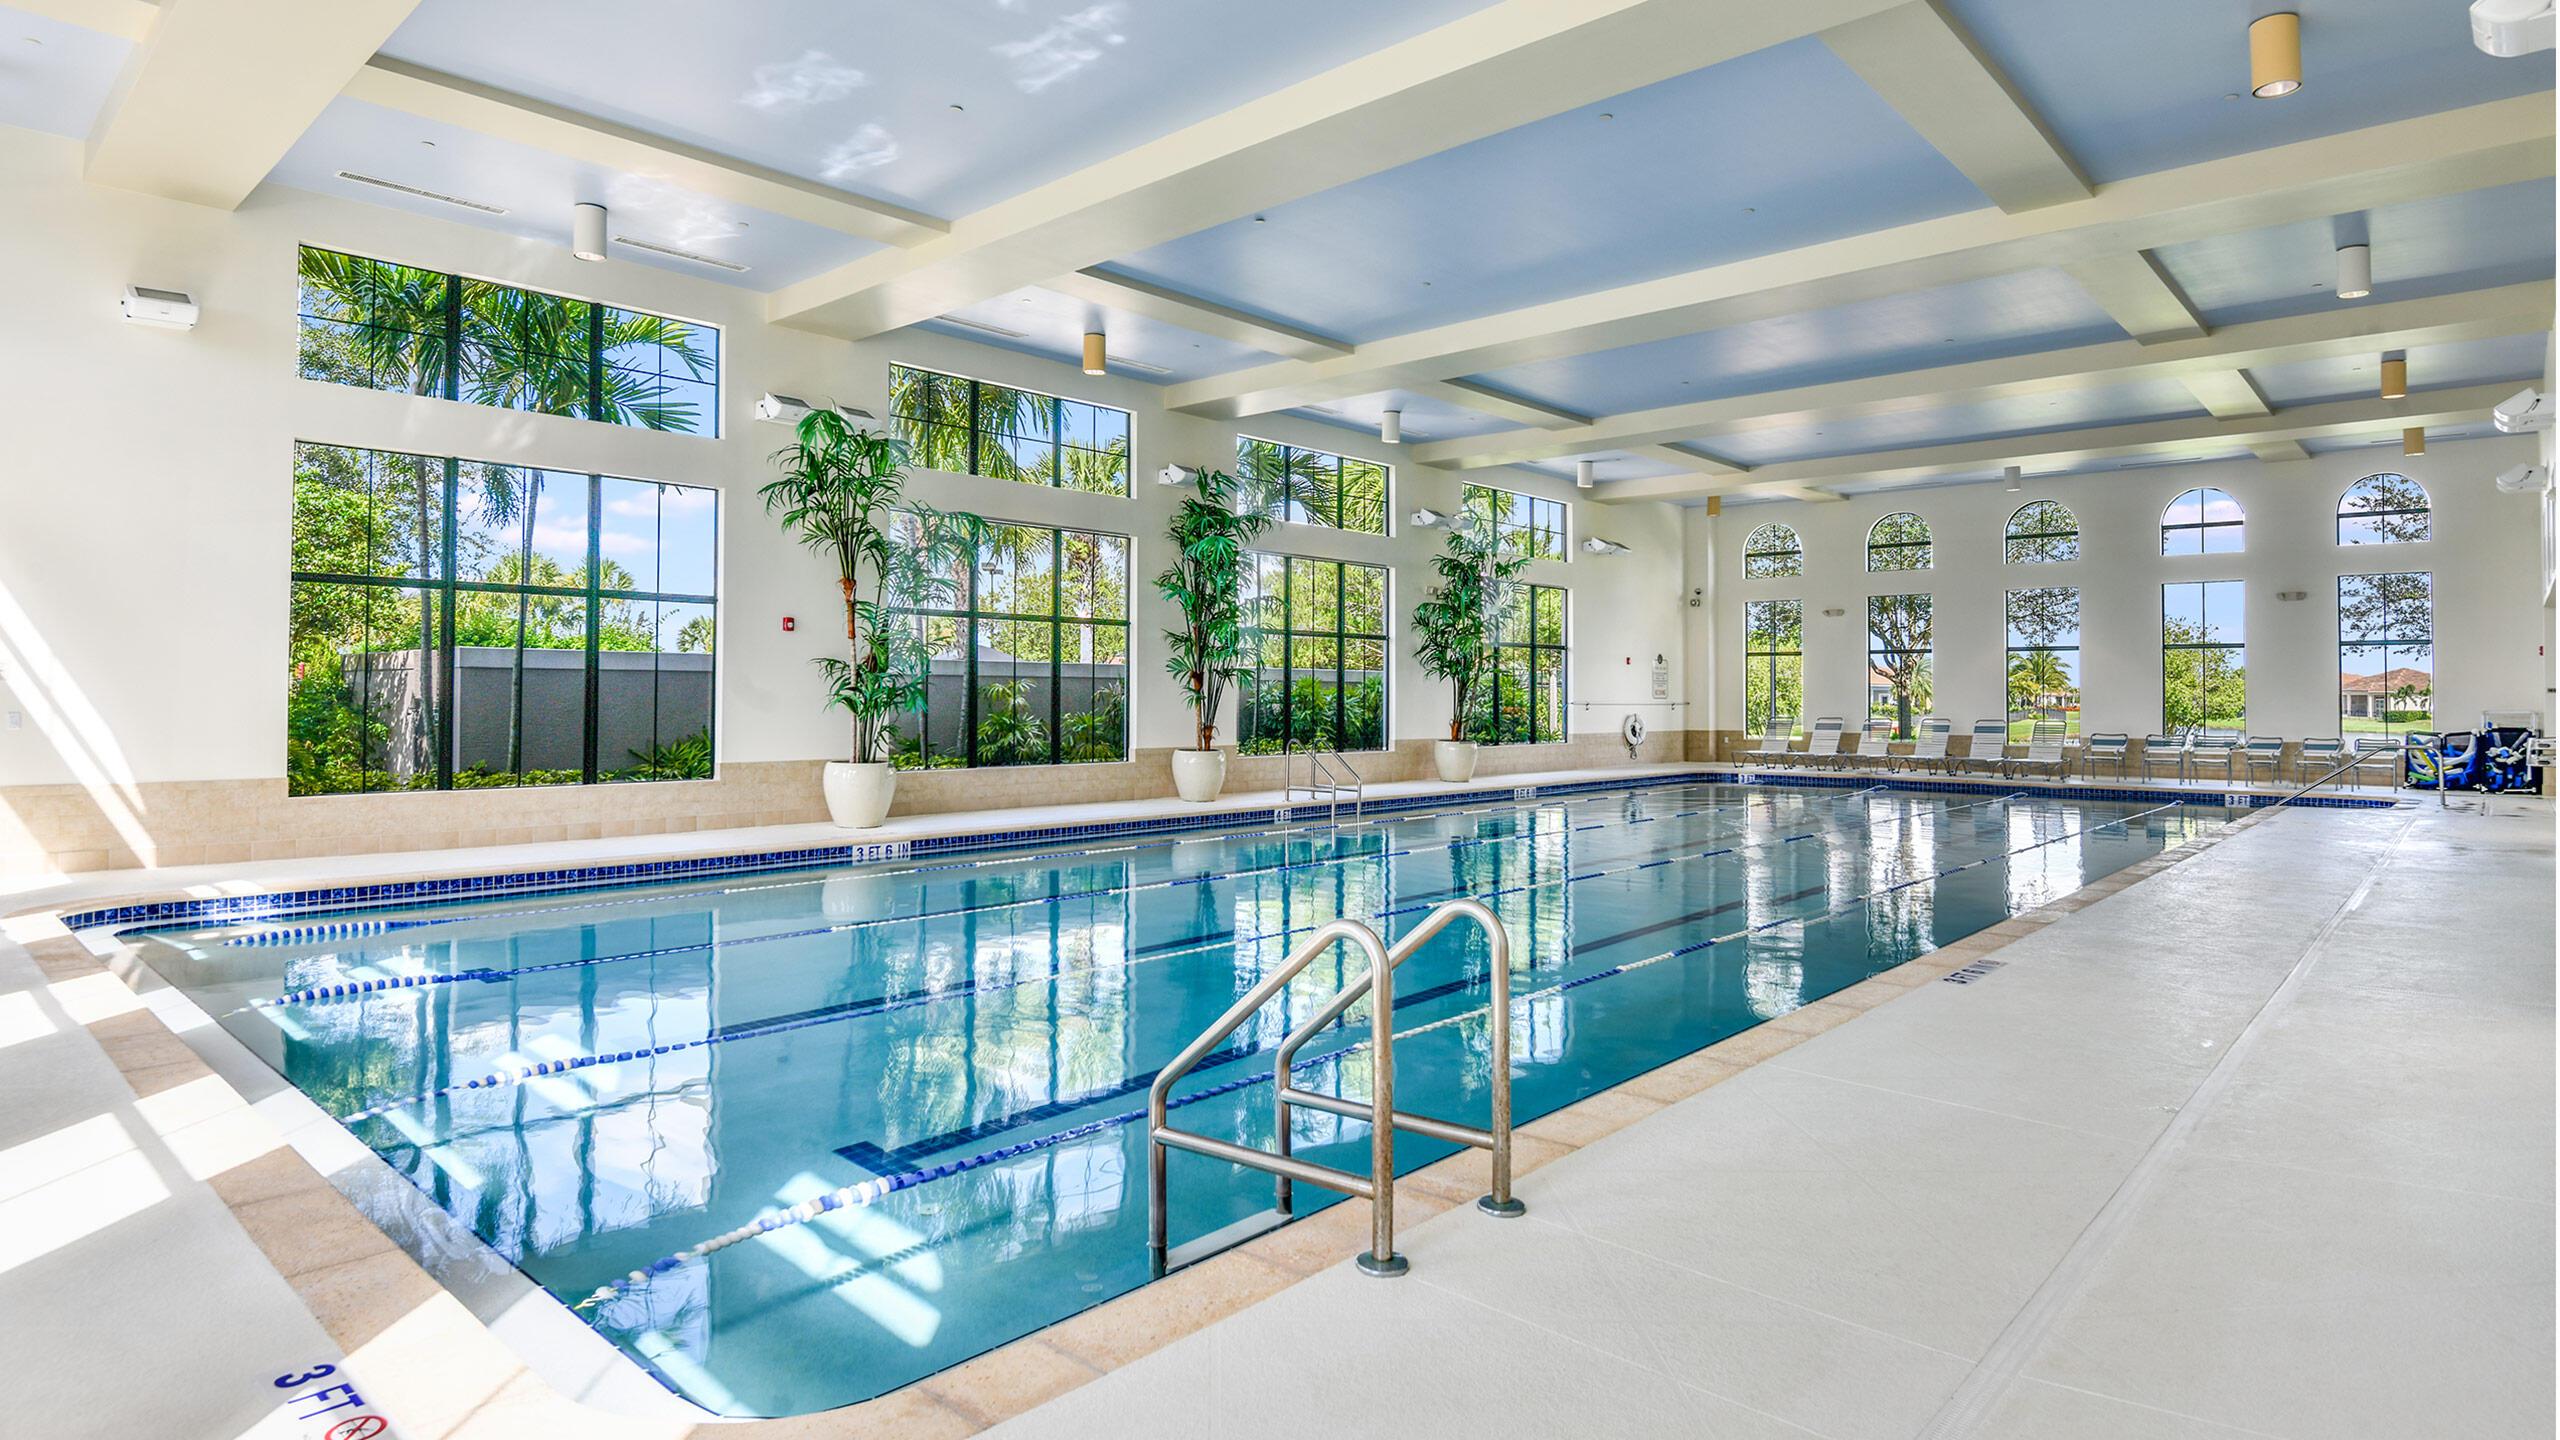 pga_village_verano_club_amenities_indoor